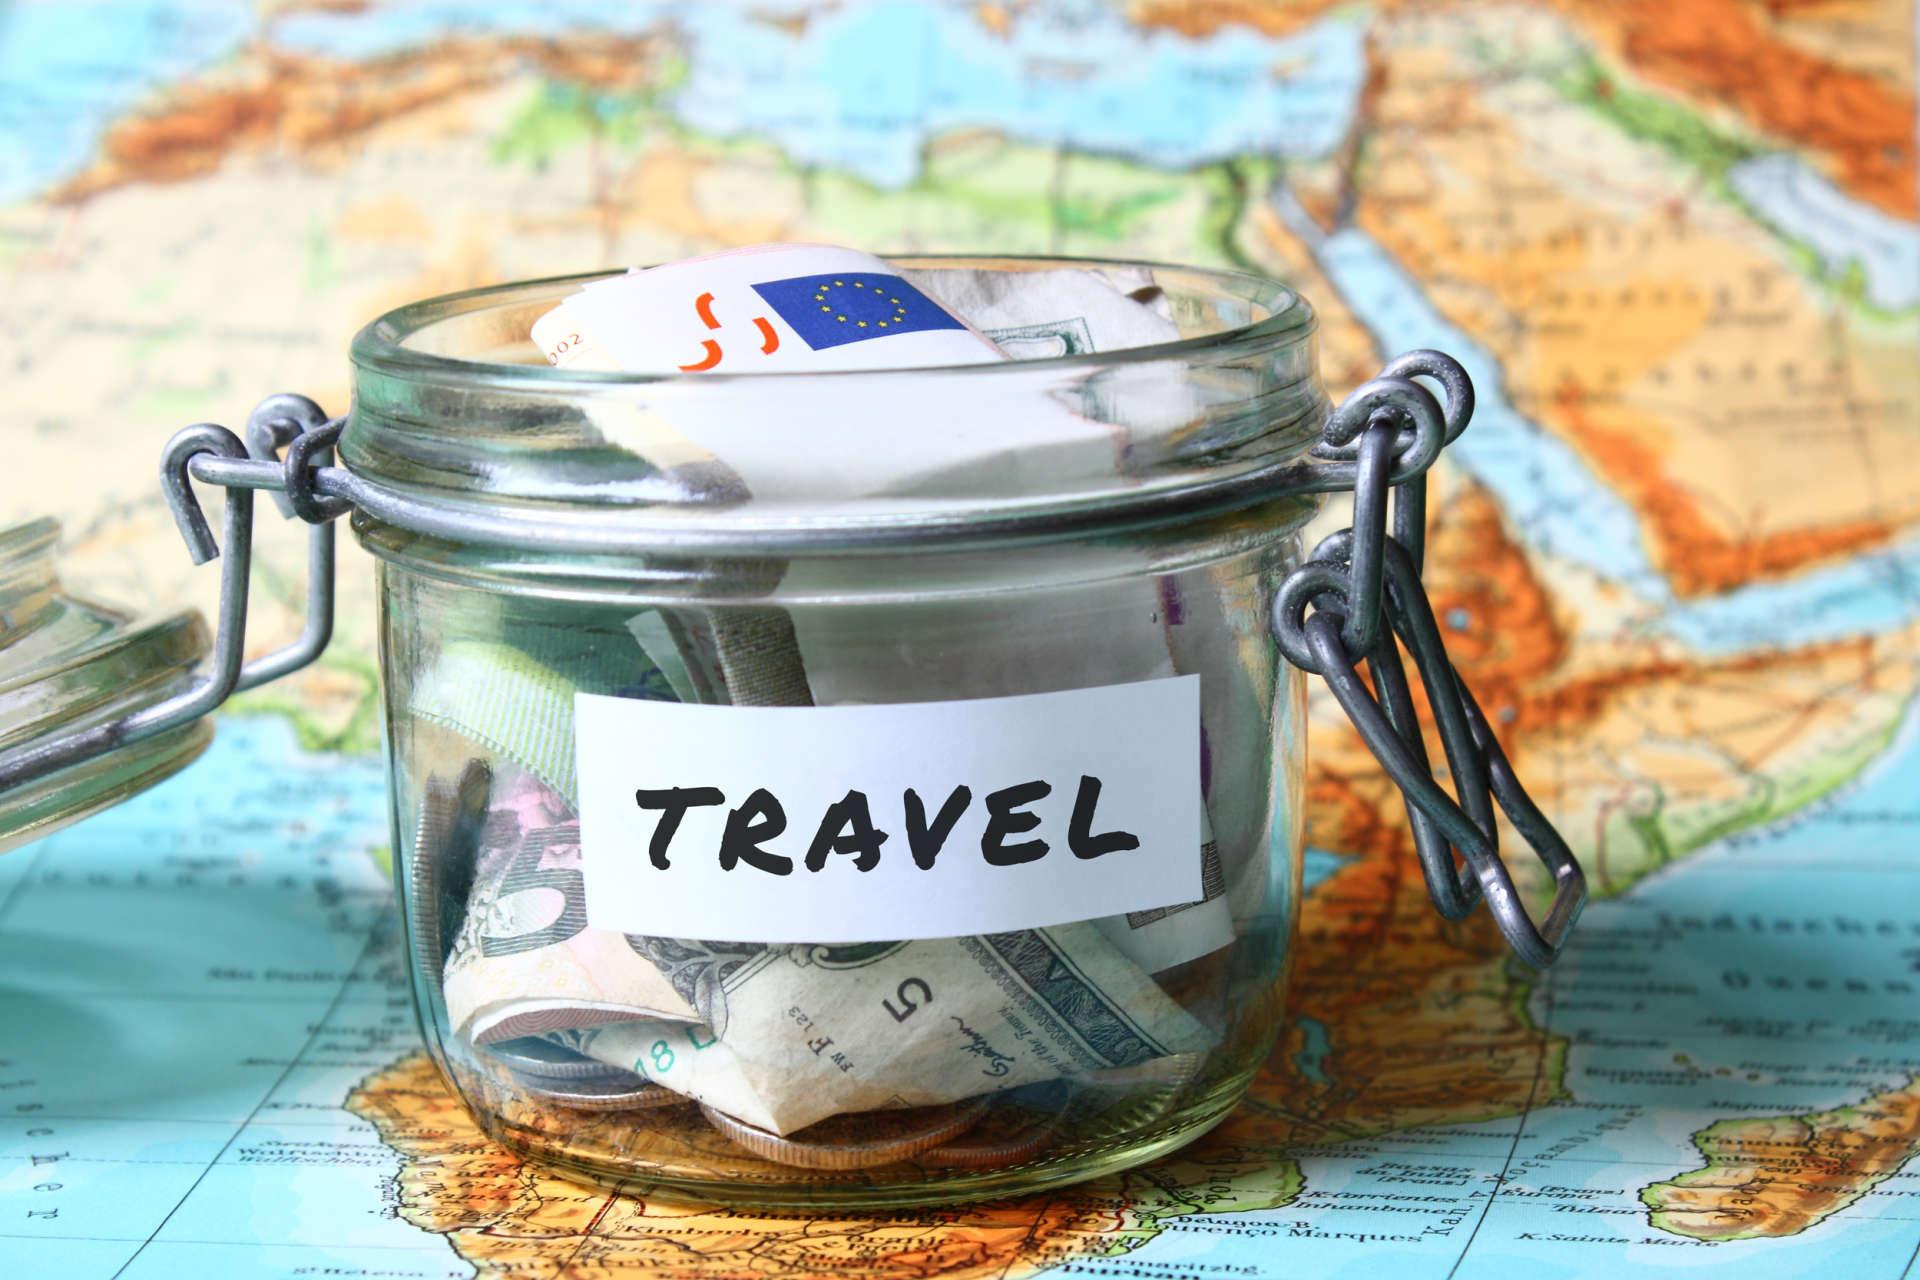 7 câu hỏi kinh điển thường gặp khi đi du lịch